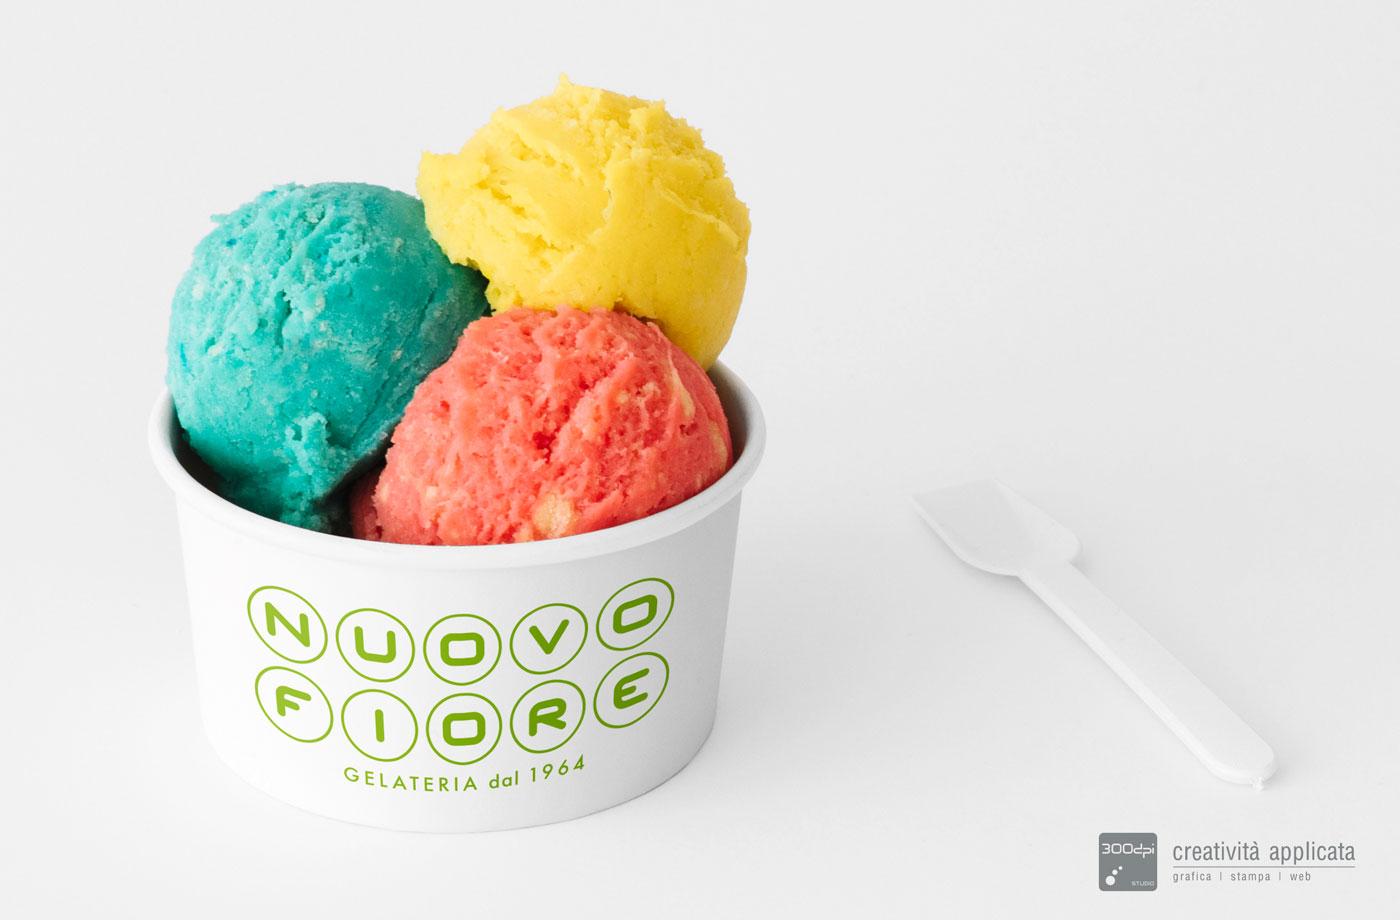 Coppetta gelato Gelateria NUOVO FIORE Rimini - 300dpi STUDIO